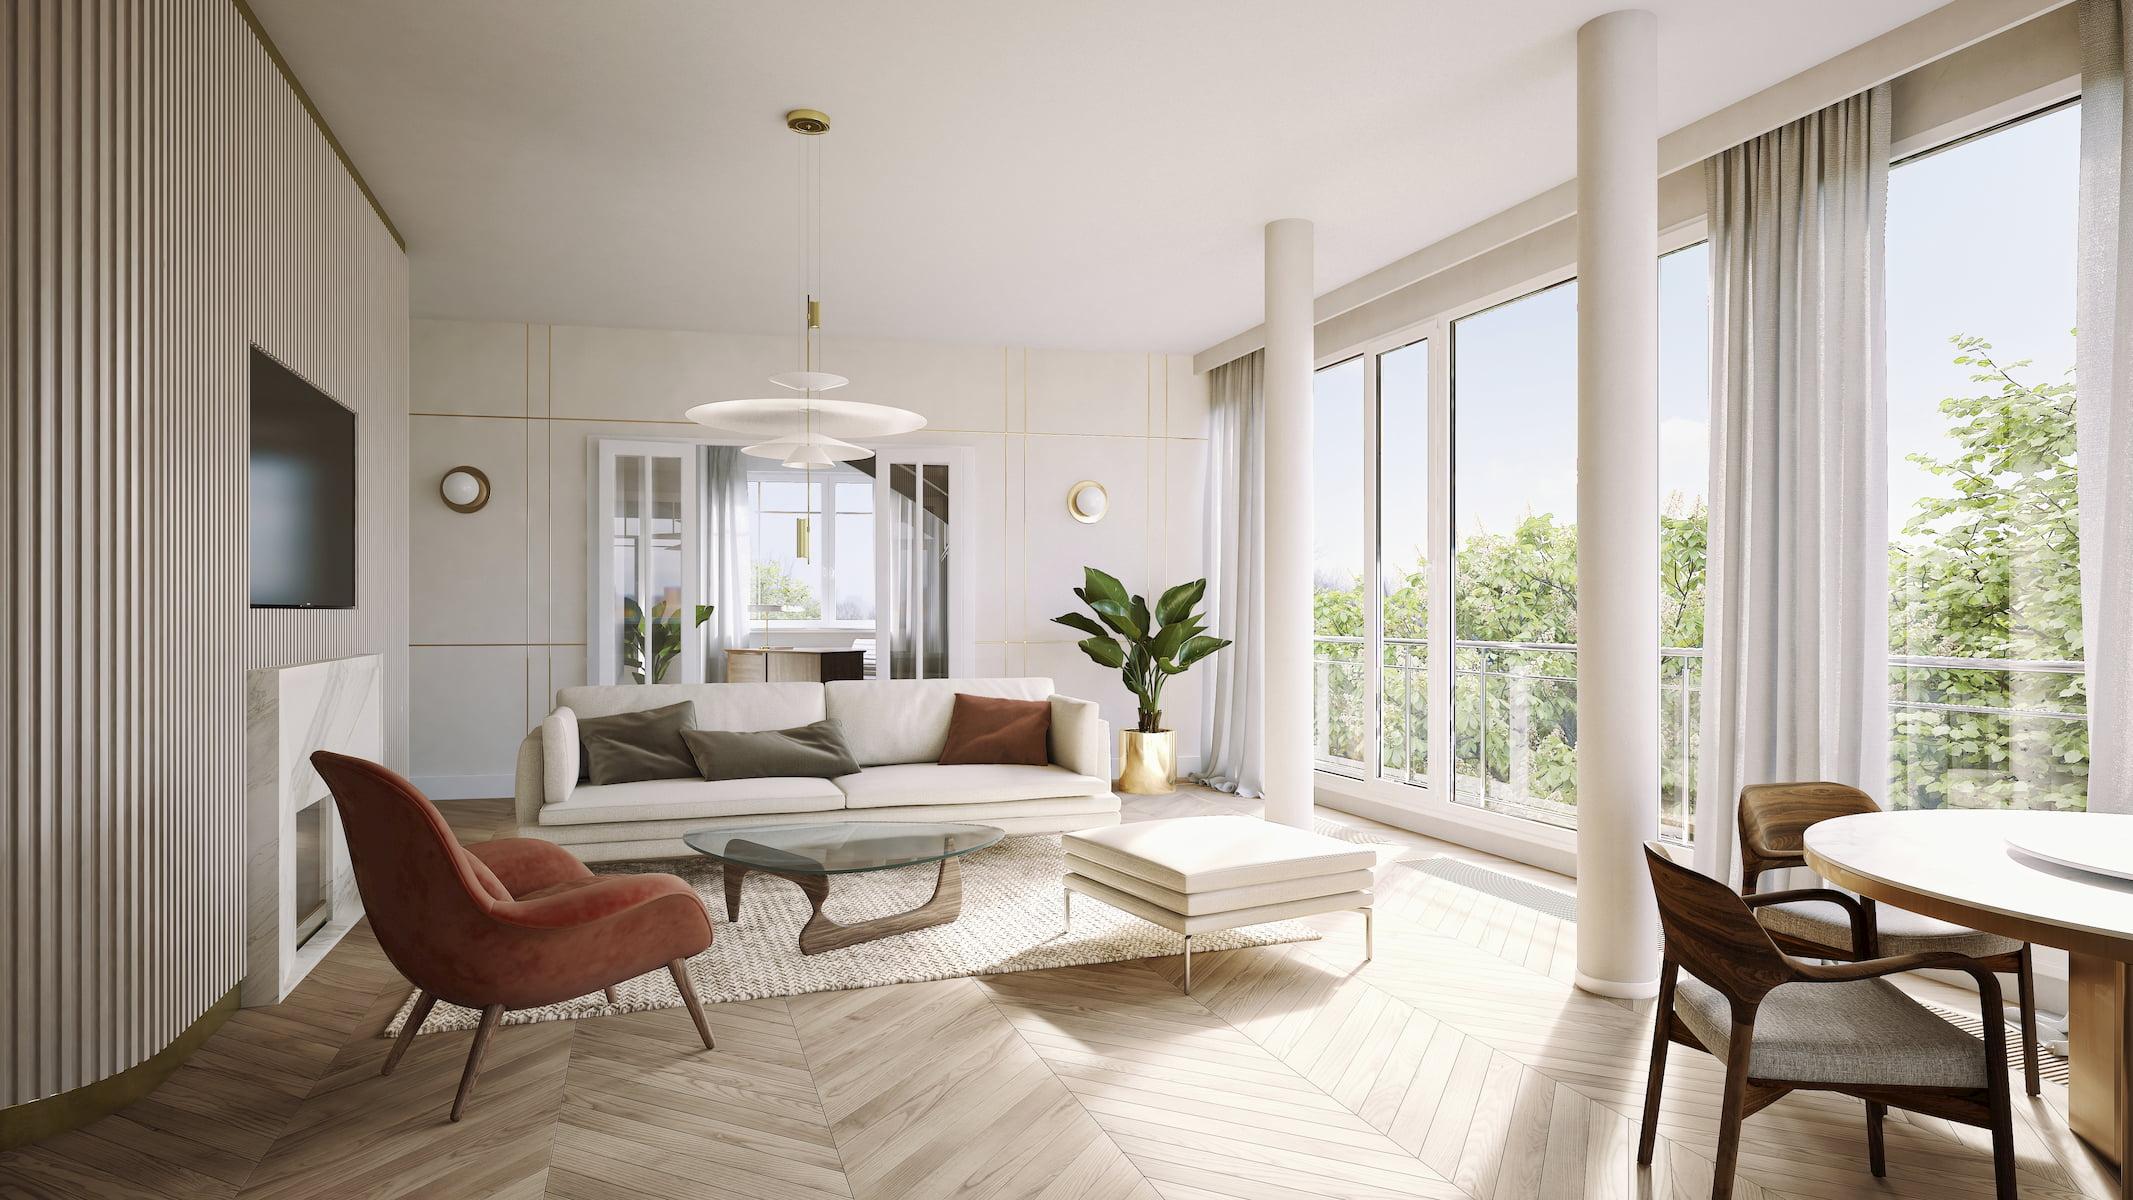 Apartment in Warsaw Private investor Dembowska/Jagiello 2019